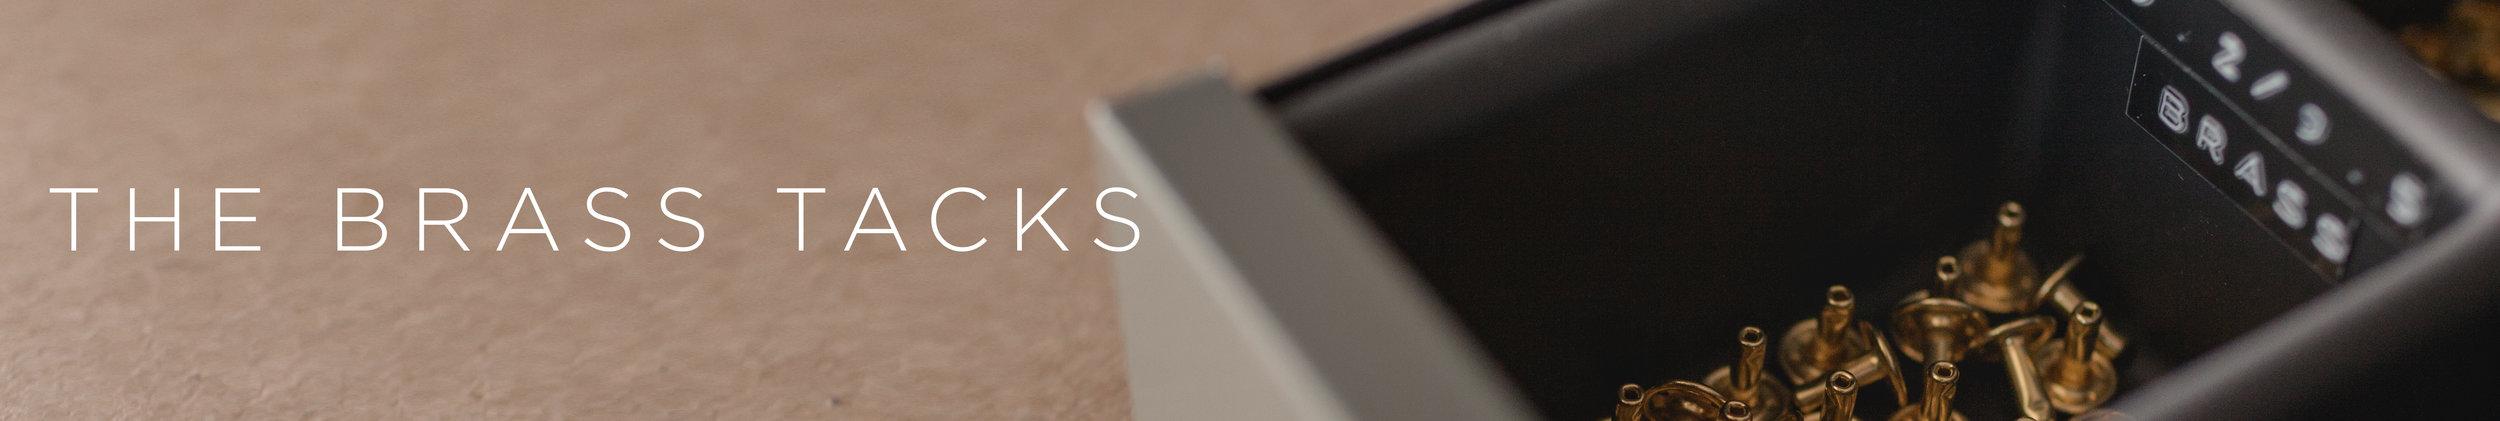 Lockeland Leather Works - Brass Hardware